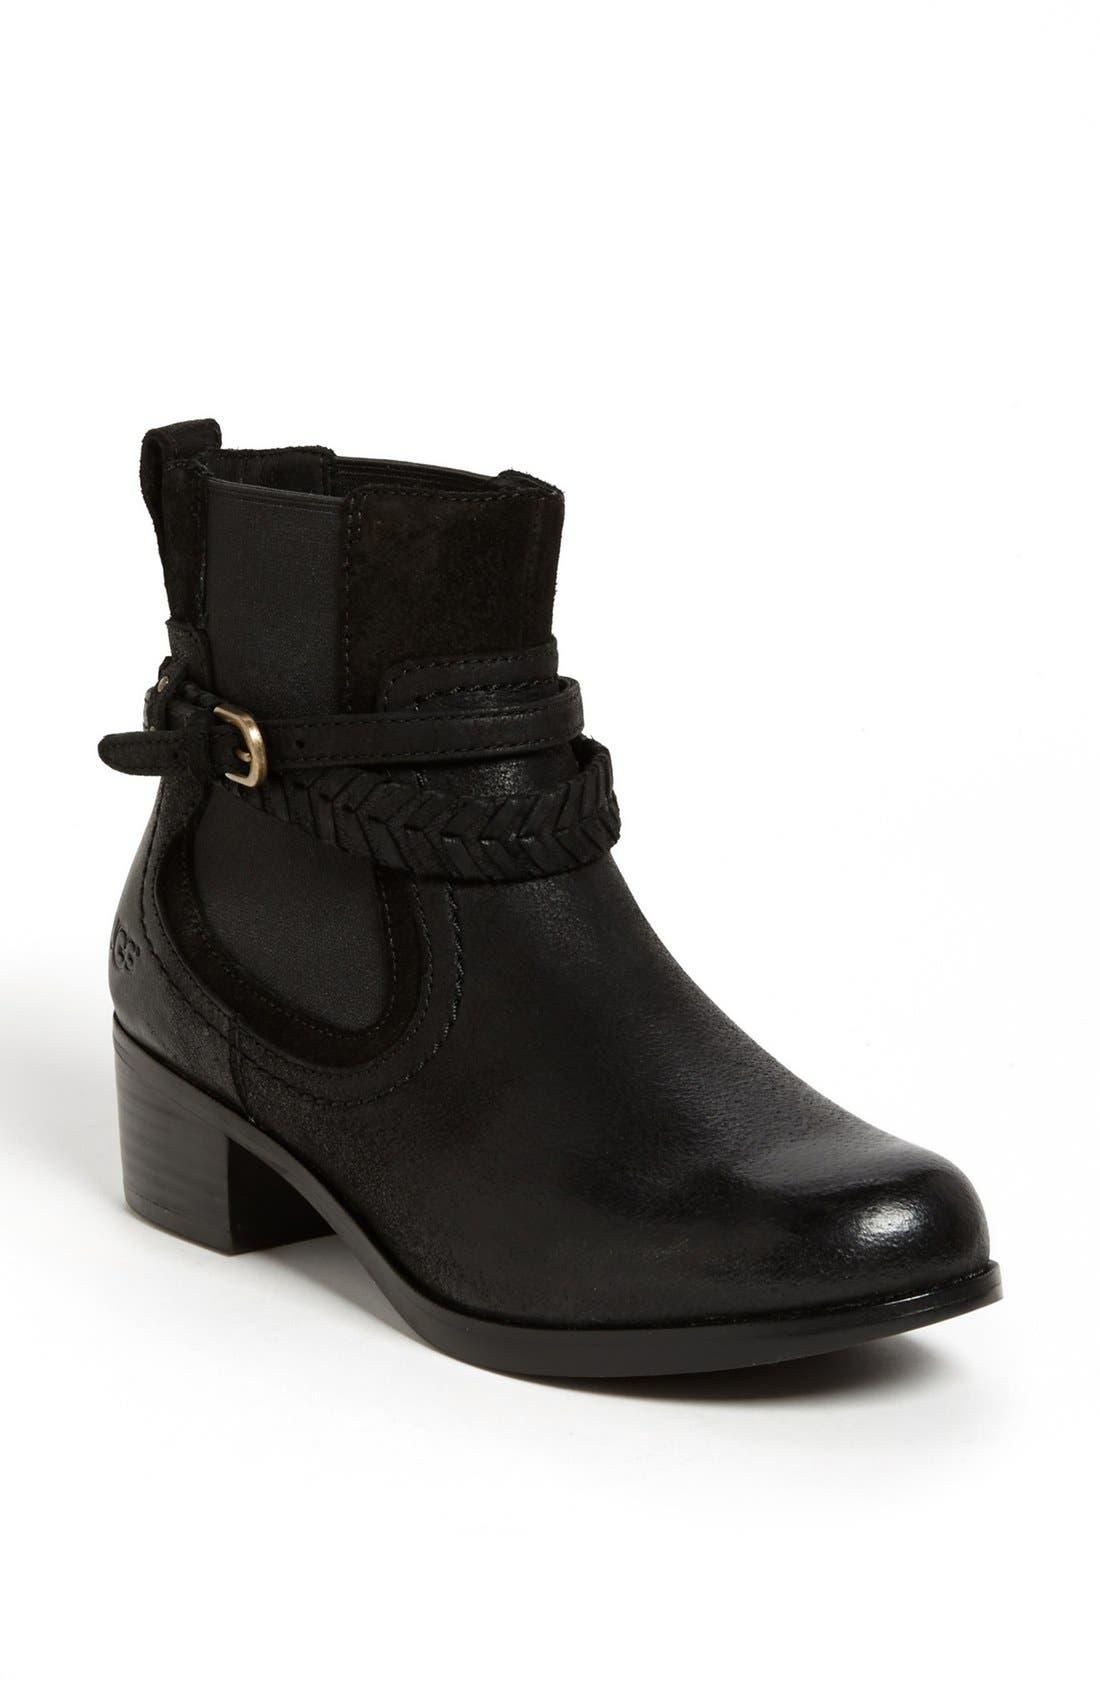 Australia 'Krewe' Boot,                         Main,                         color, Black